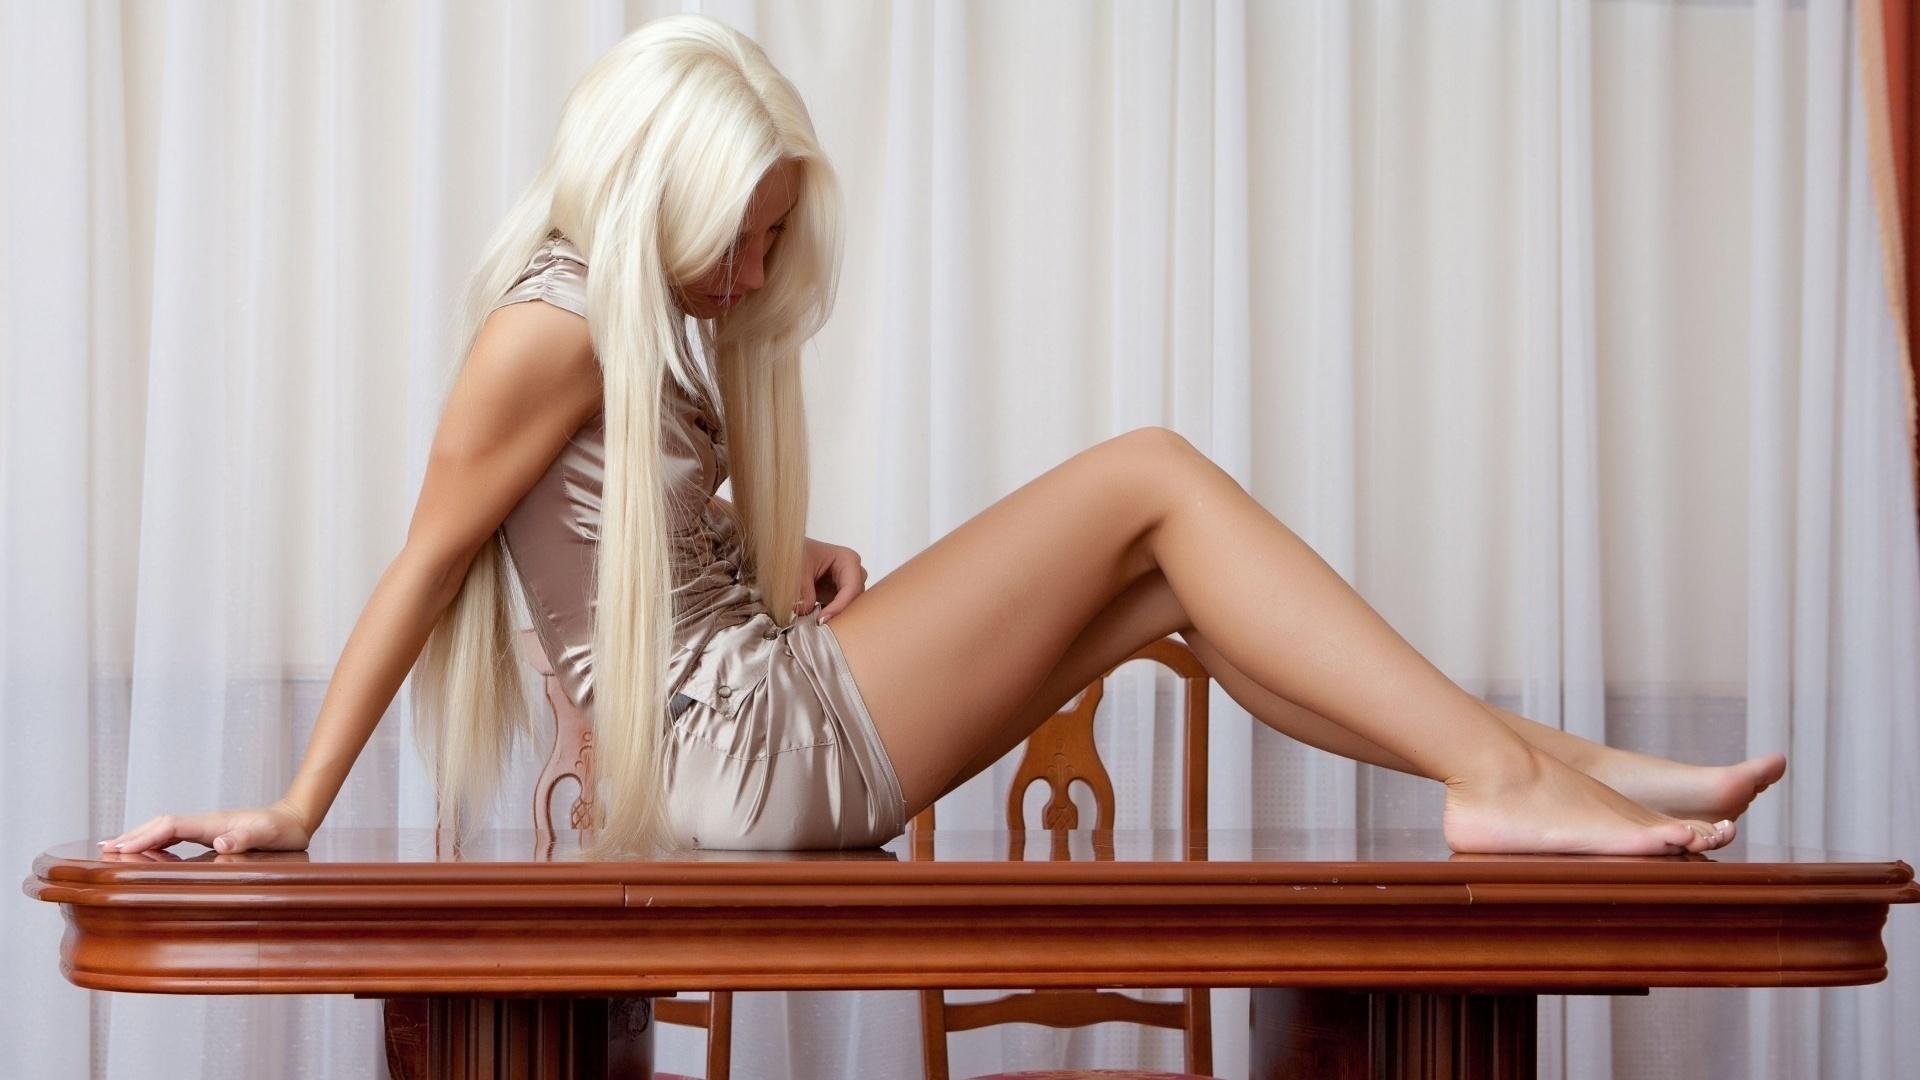 блондинка раком потом на столе